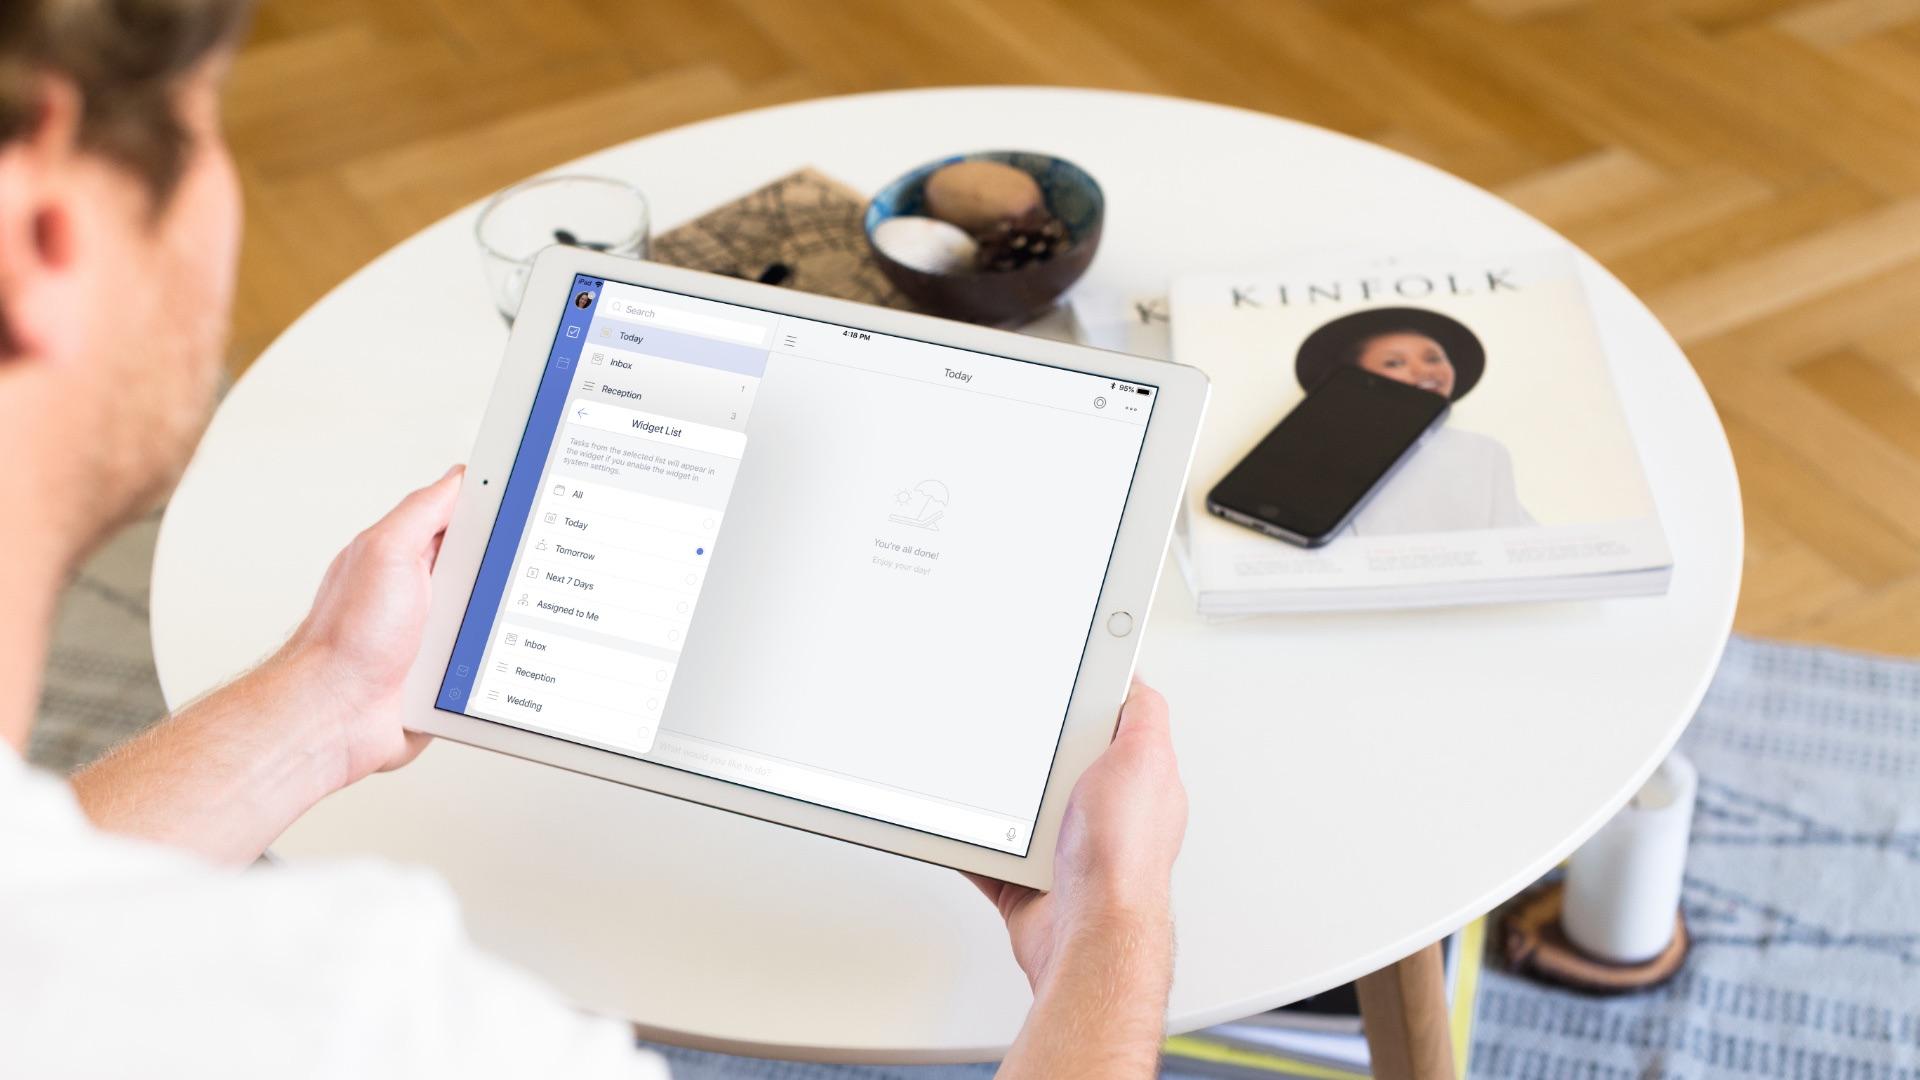 TickTick on iPad